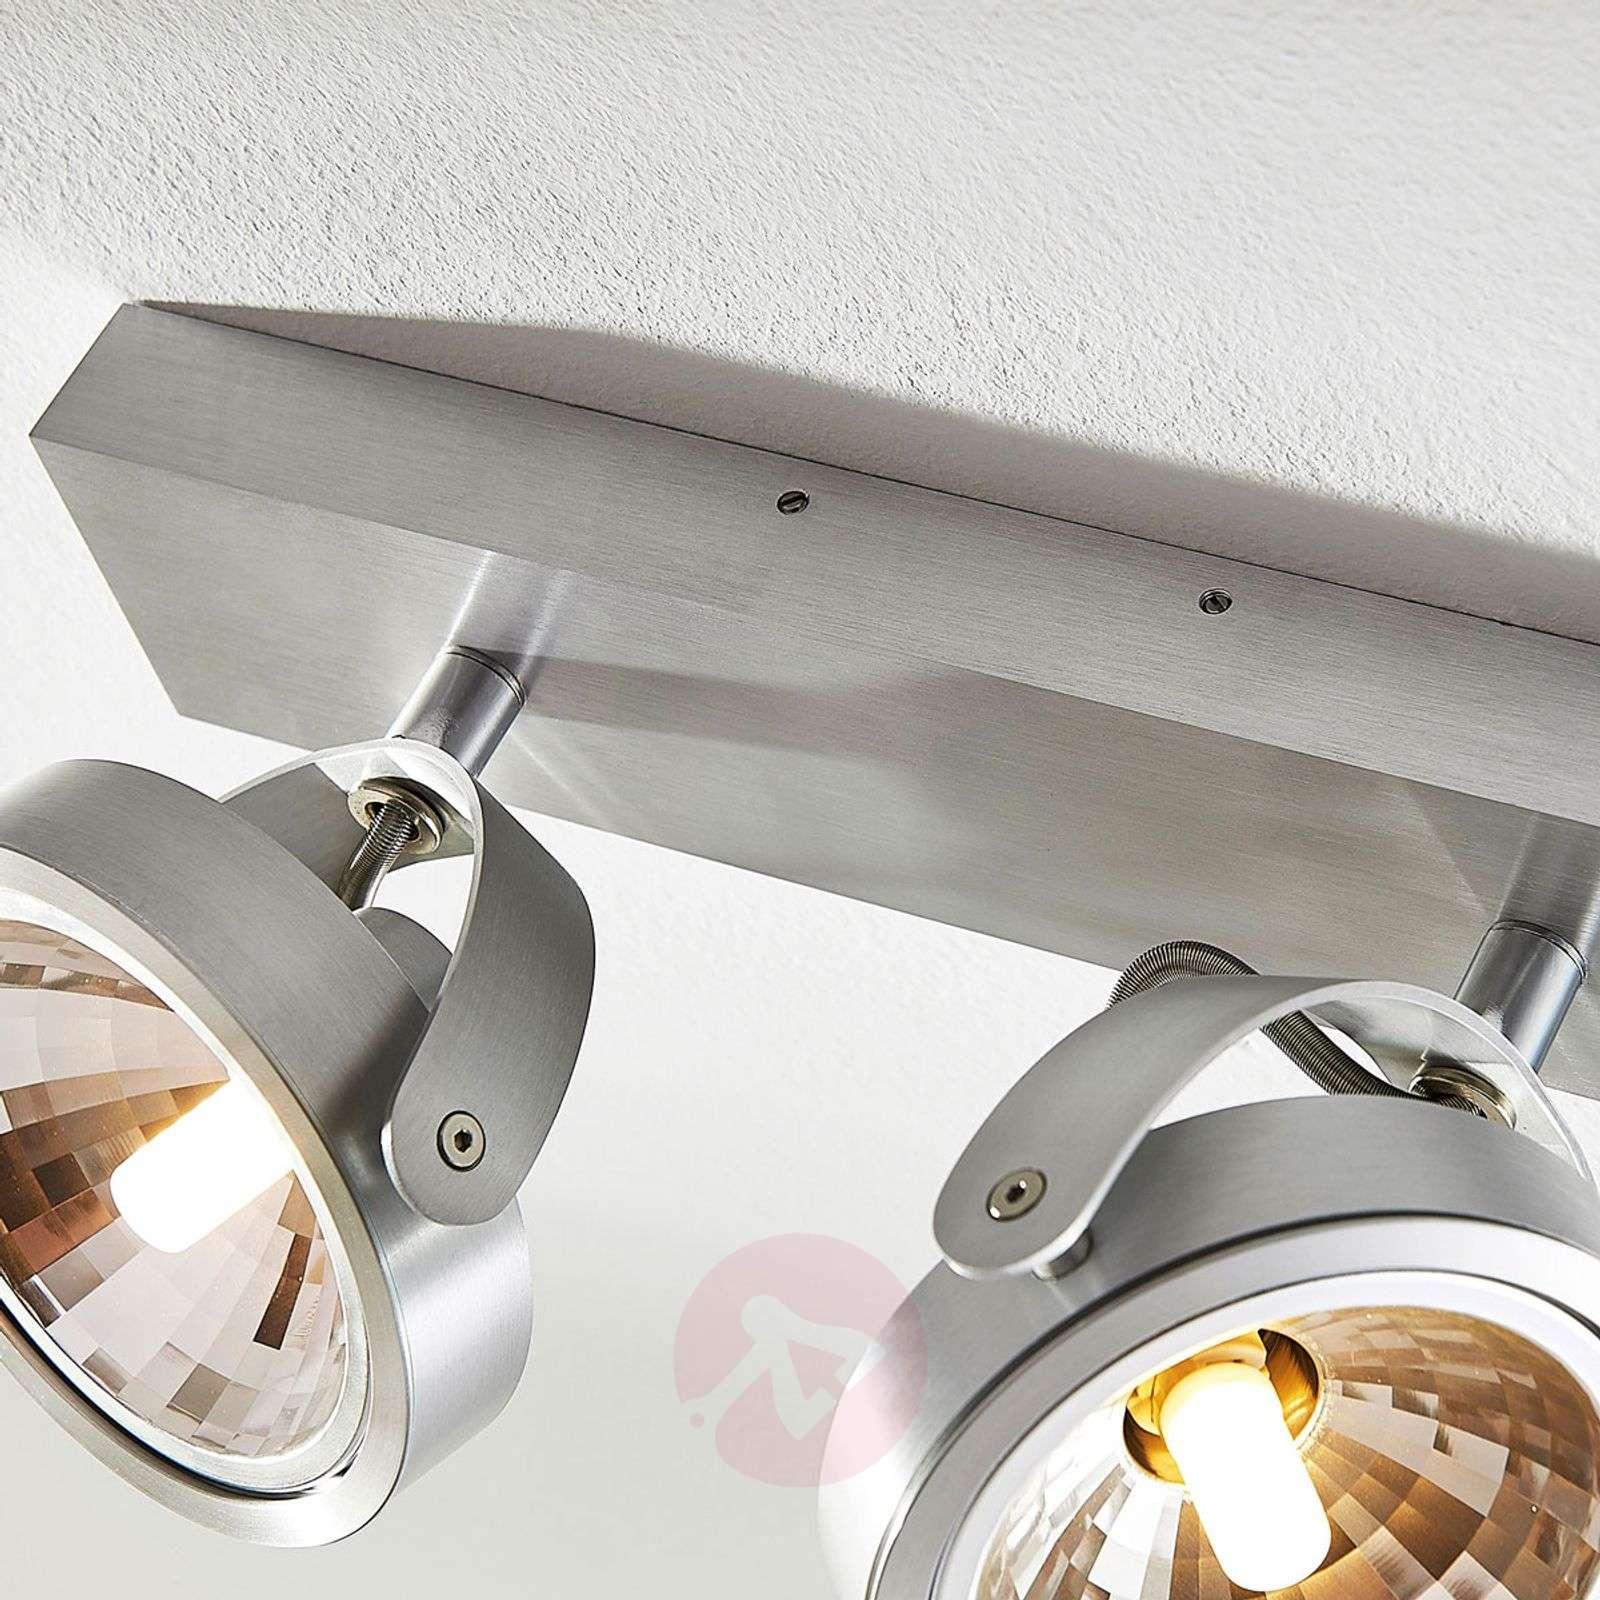 Kaksilamppuinen alumiini kohdevalo Lieven G9-LED-9621520-01